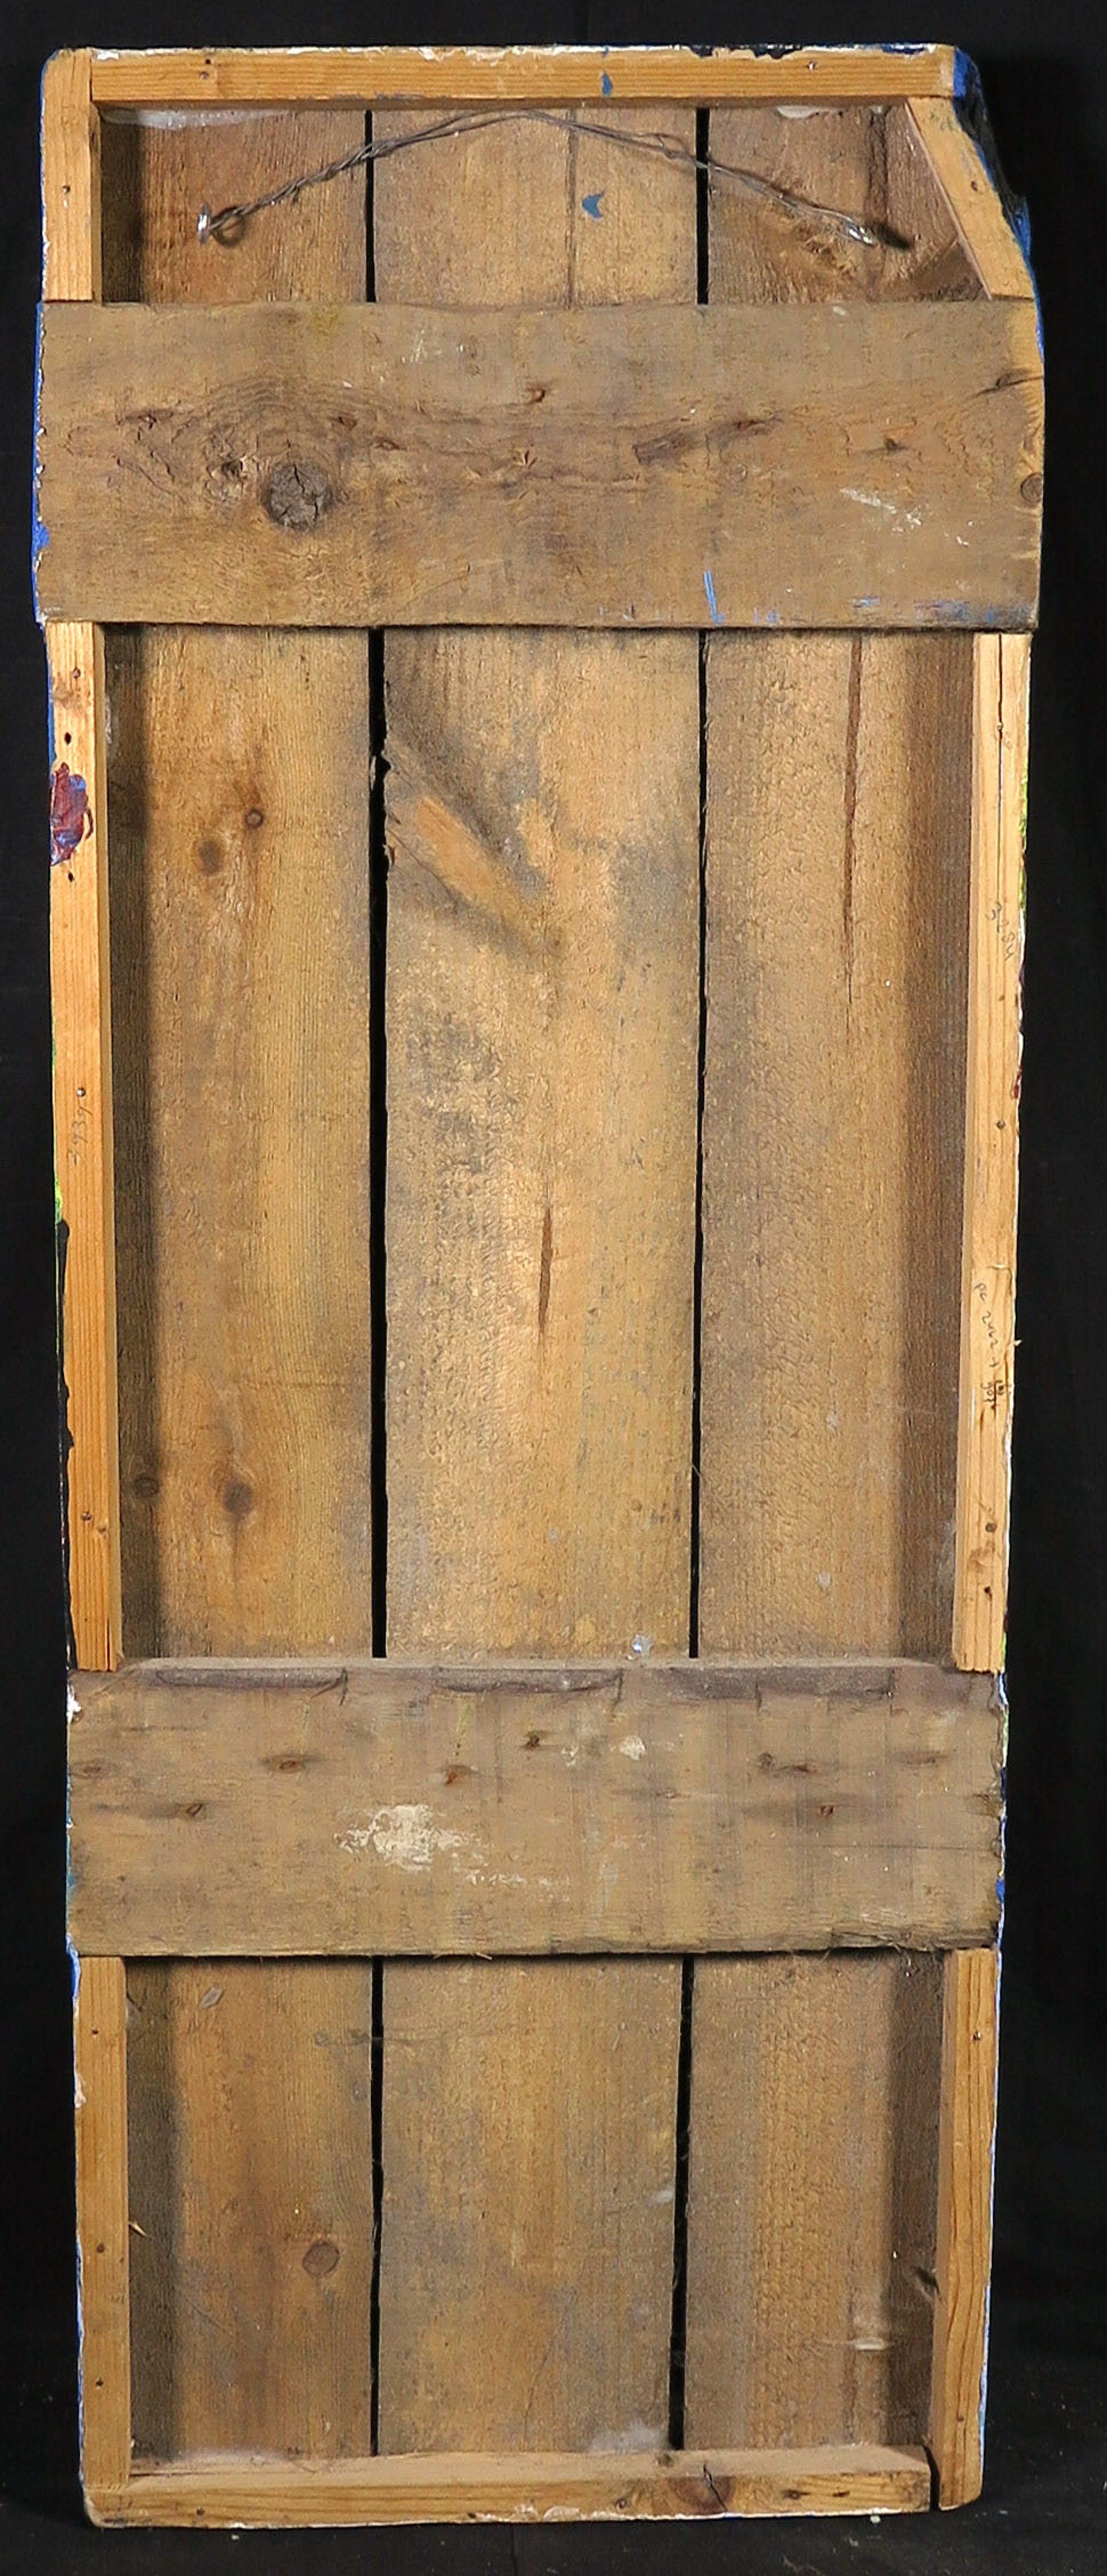 Ron van den Bosch - Acryl op hout, Zonder titel (Groot, met ophangsysteem) kopen? Bied vanaf 200!